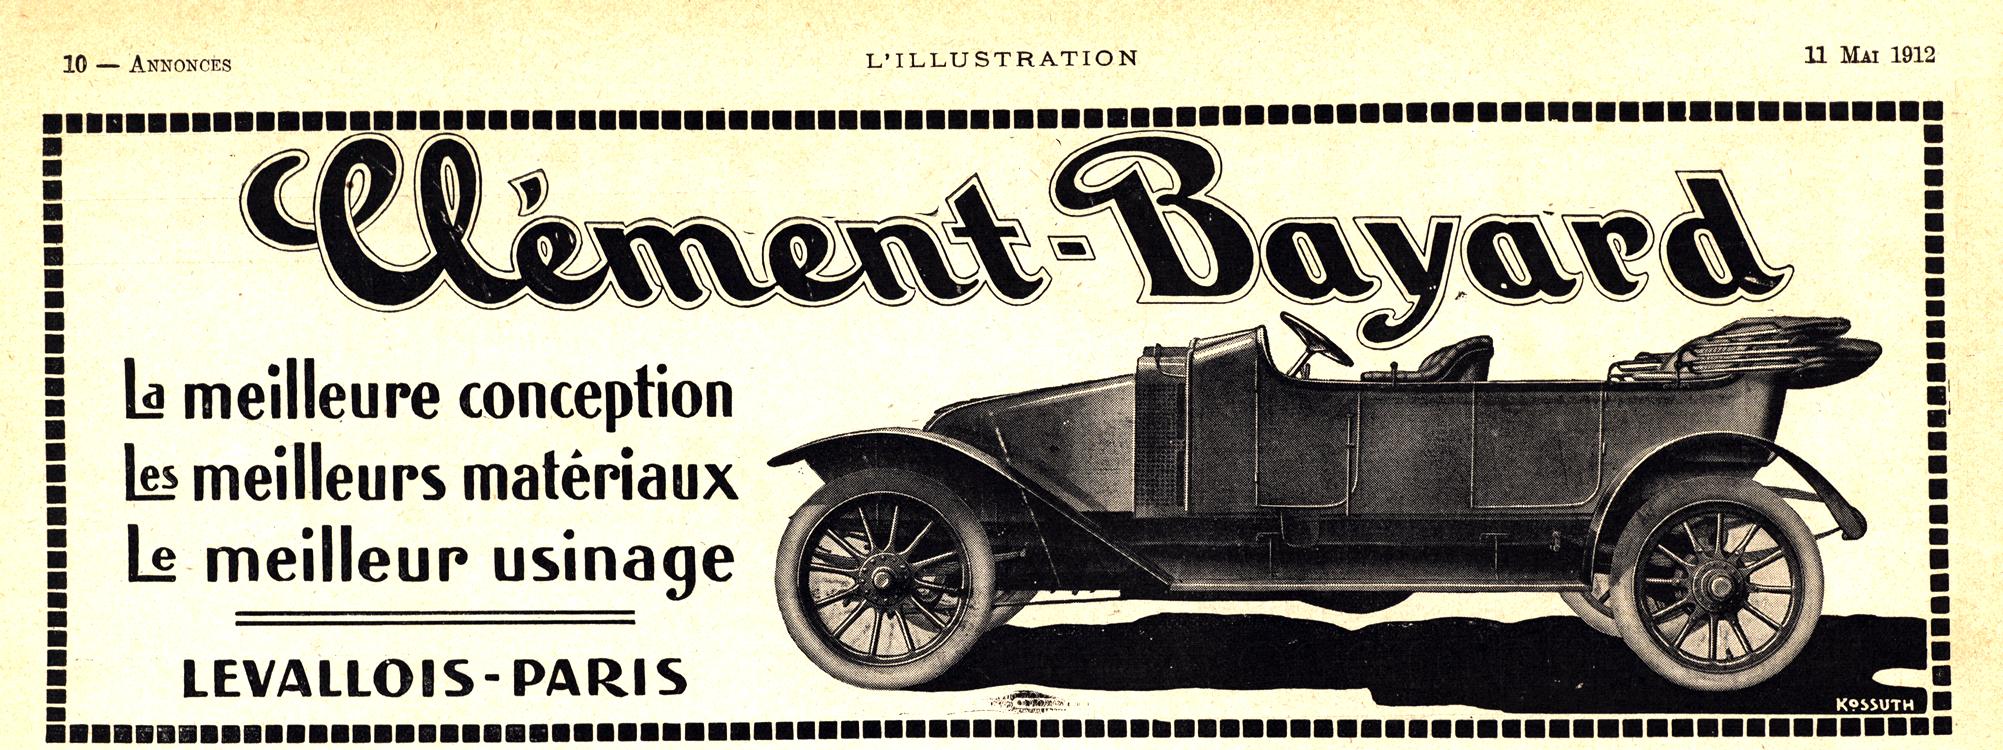 Clement-Bayard 1912 0001